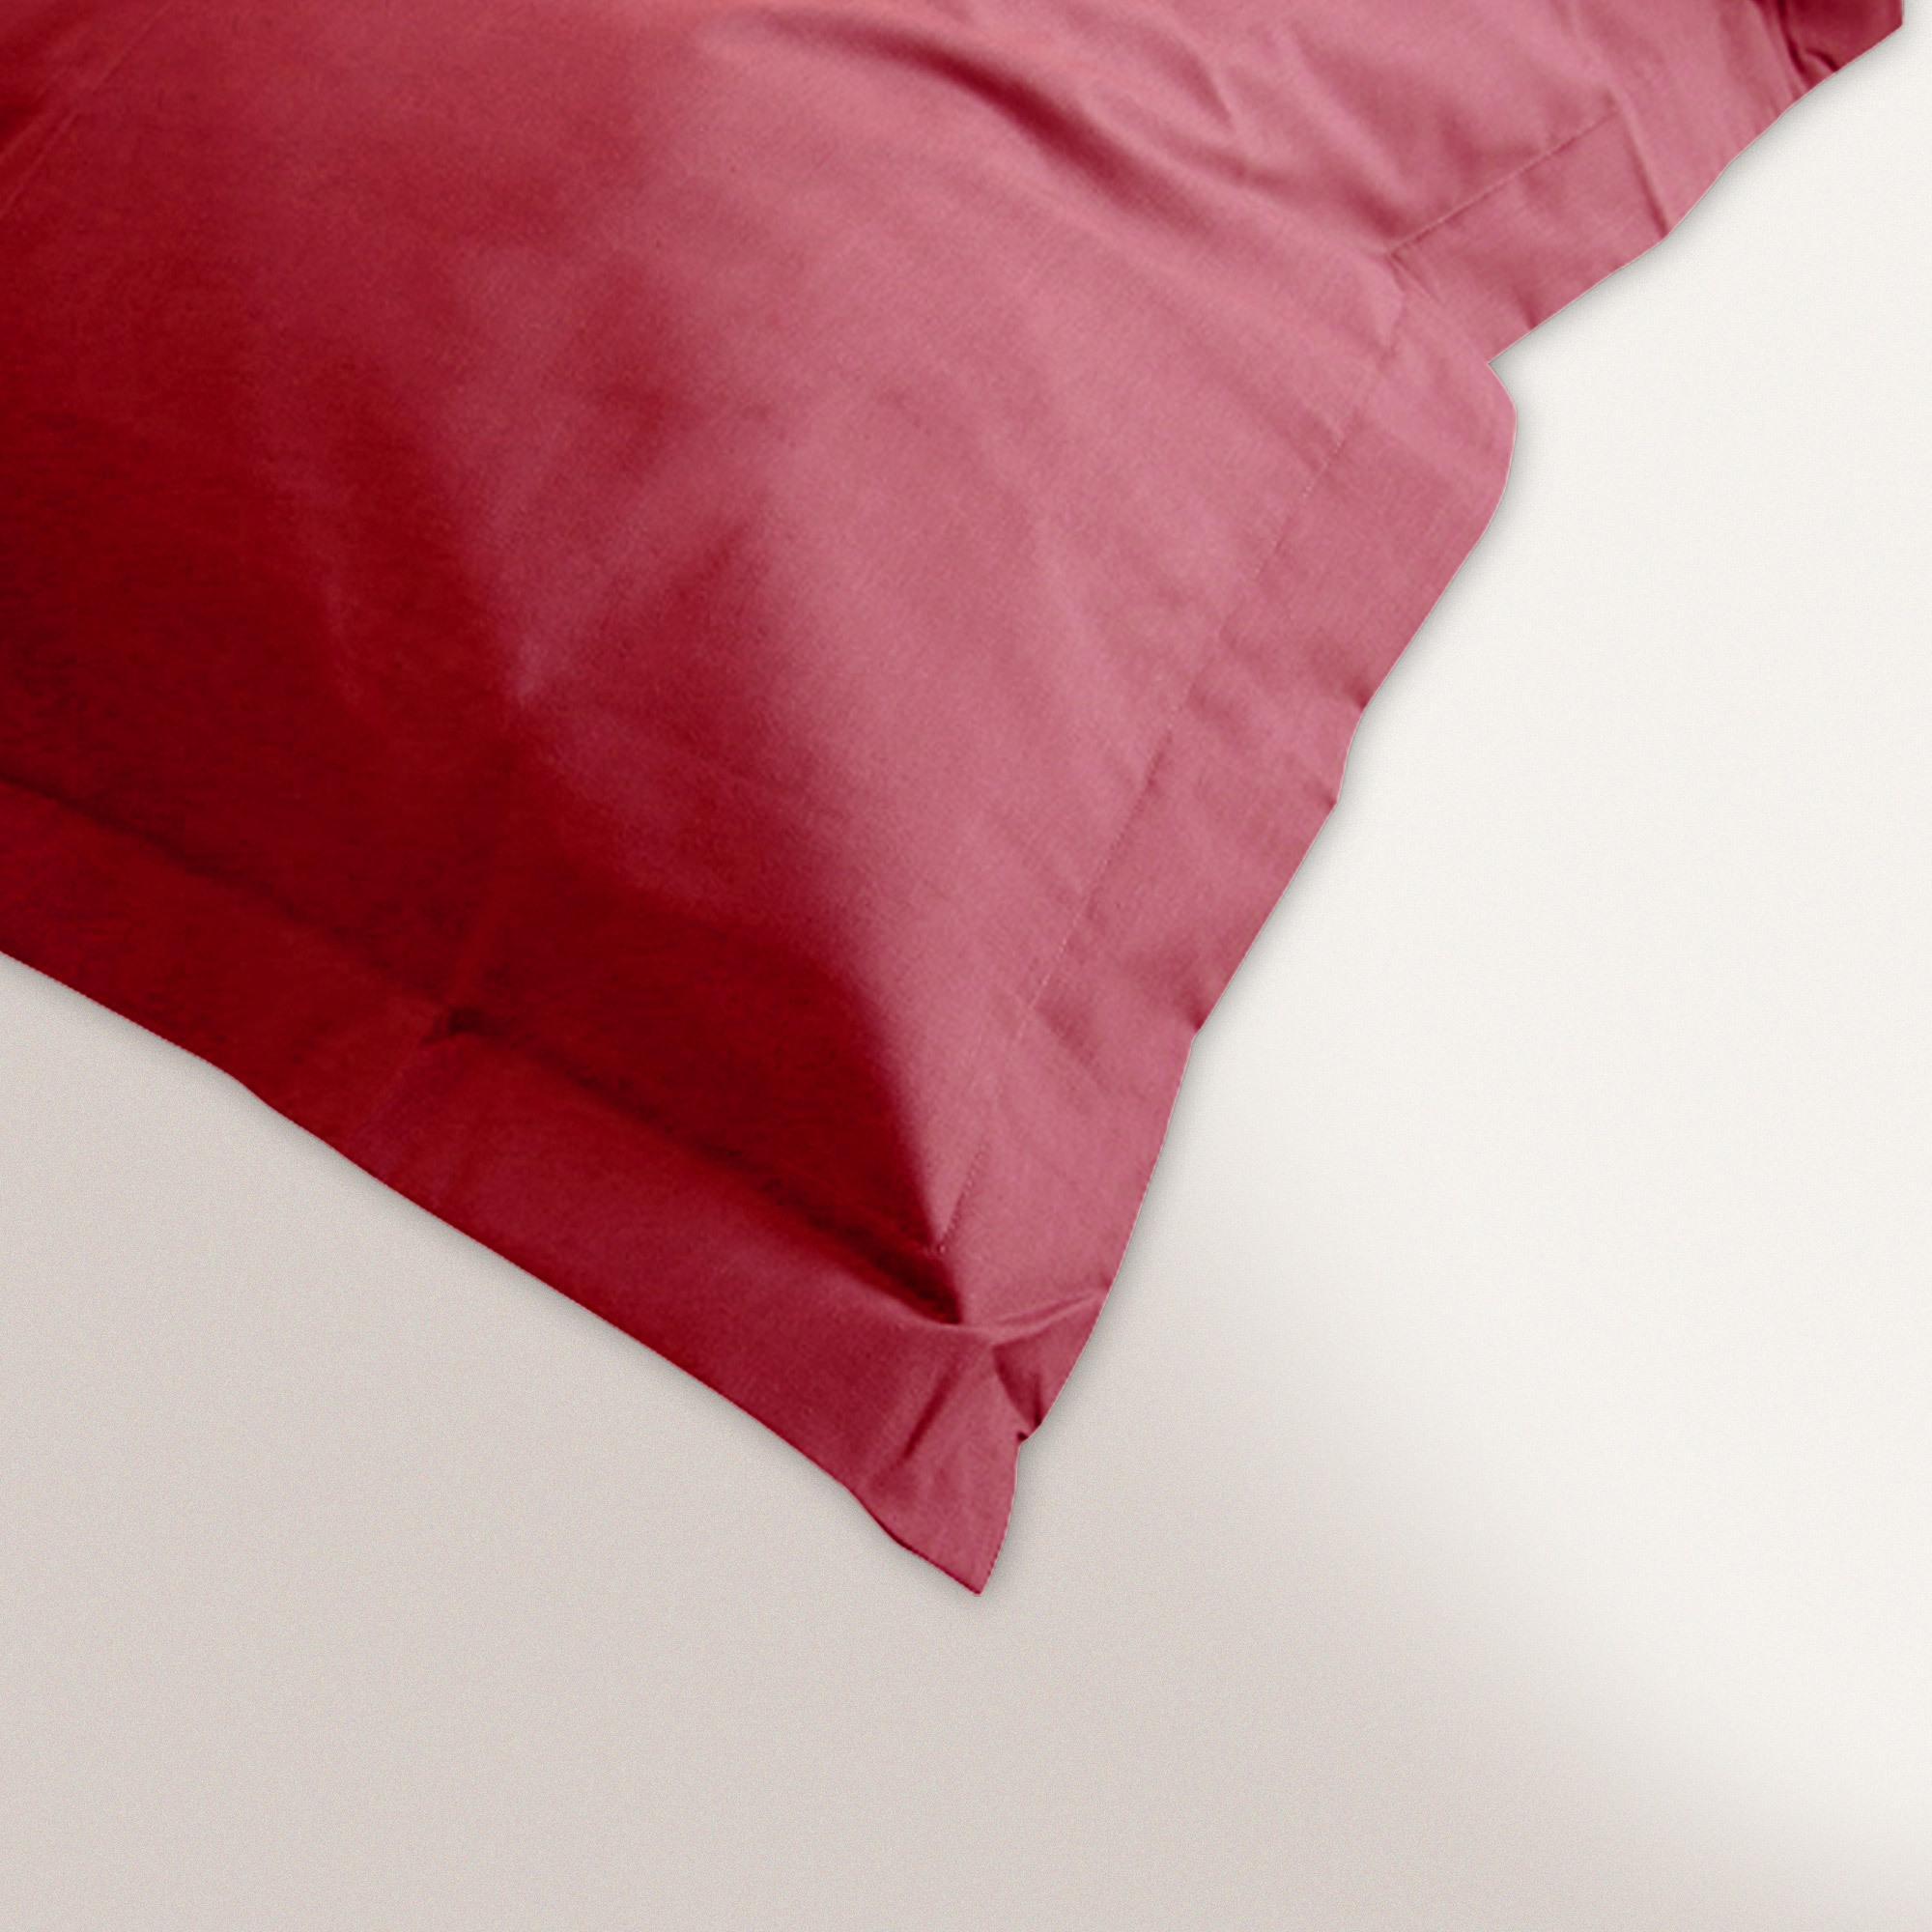 taie d 39 oreiller 80x80cm uni pur coton alto rouge garance linnea vente de linge de maison. Black Bedroom Furniture Sets. Home Design Ideas